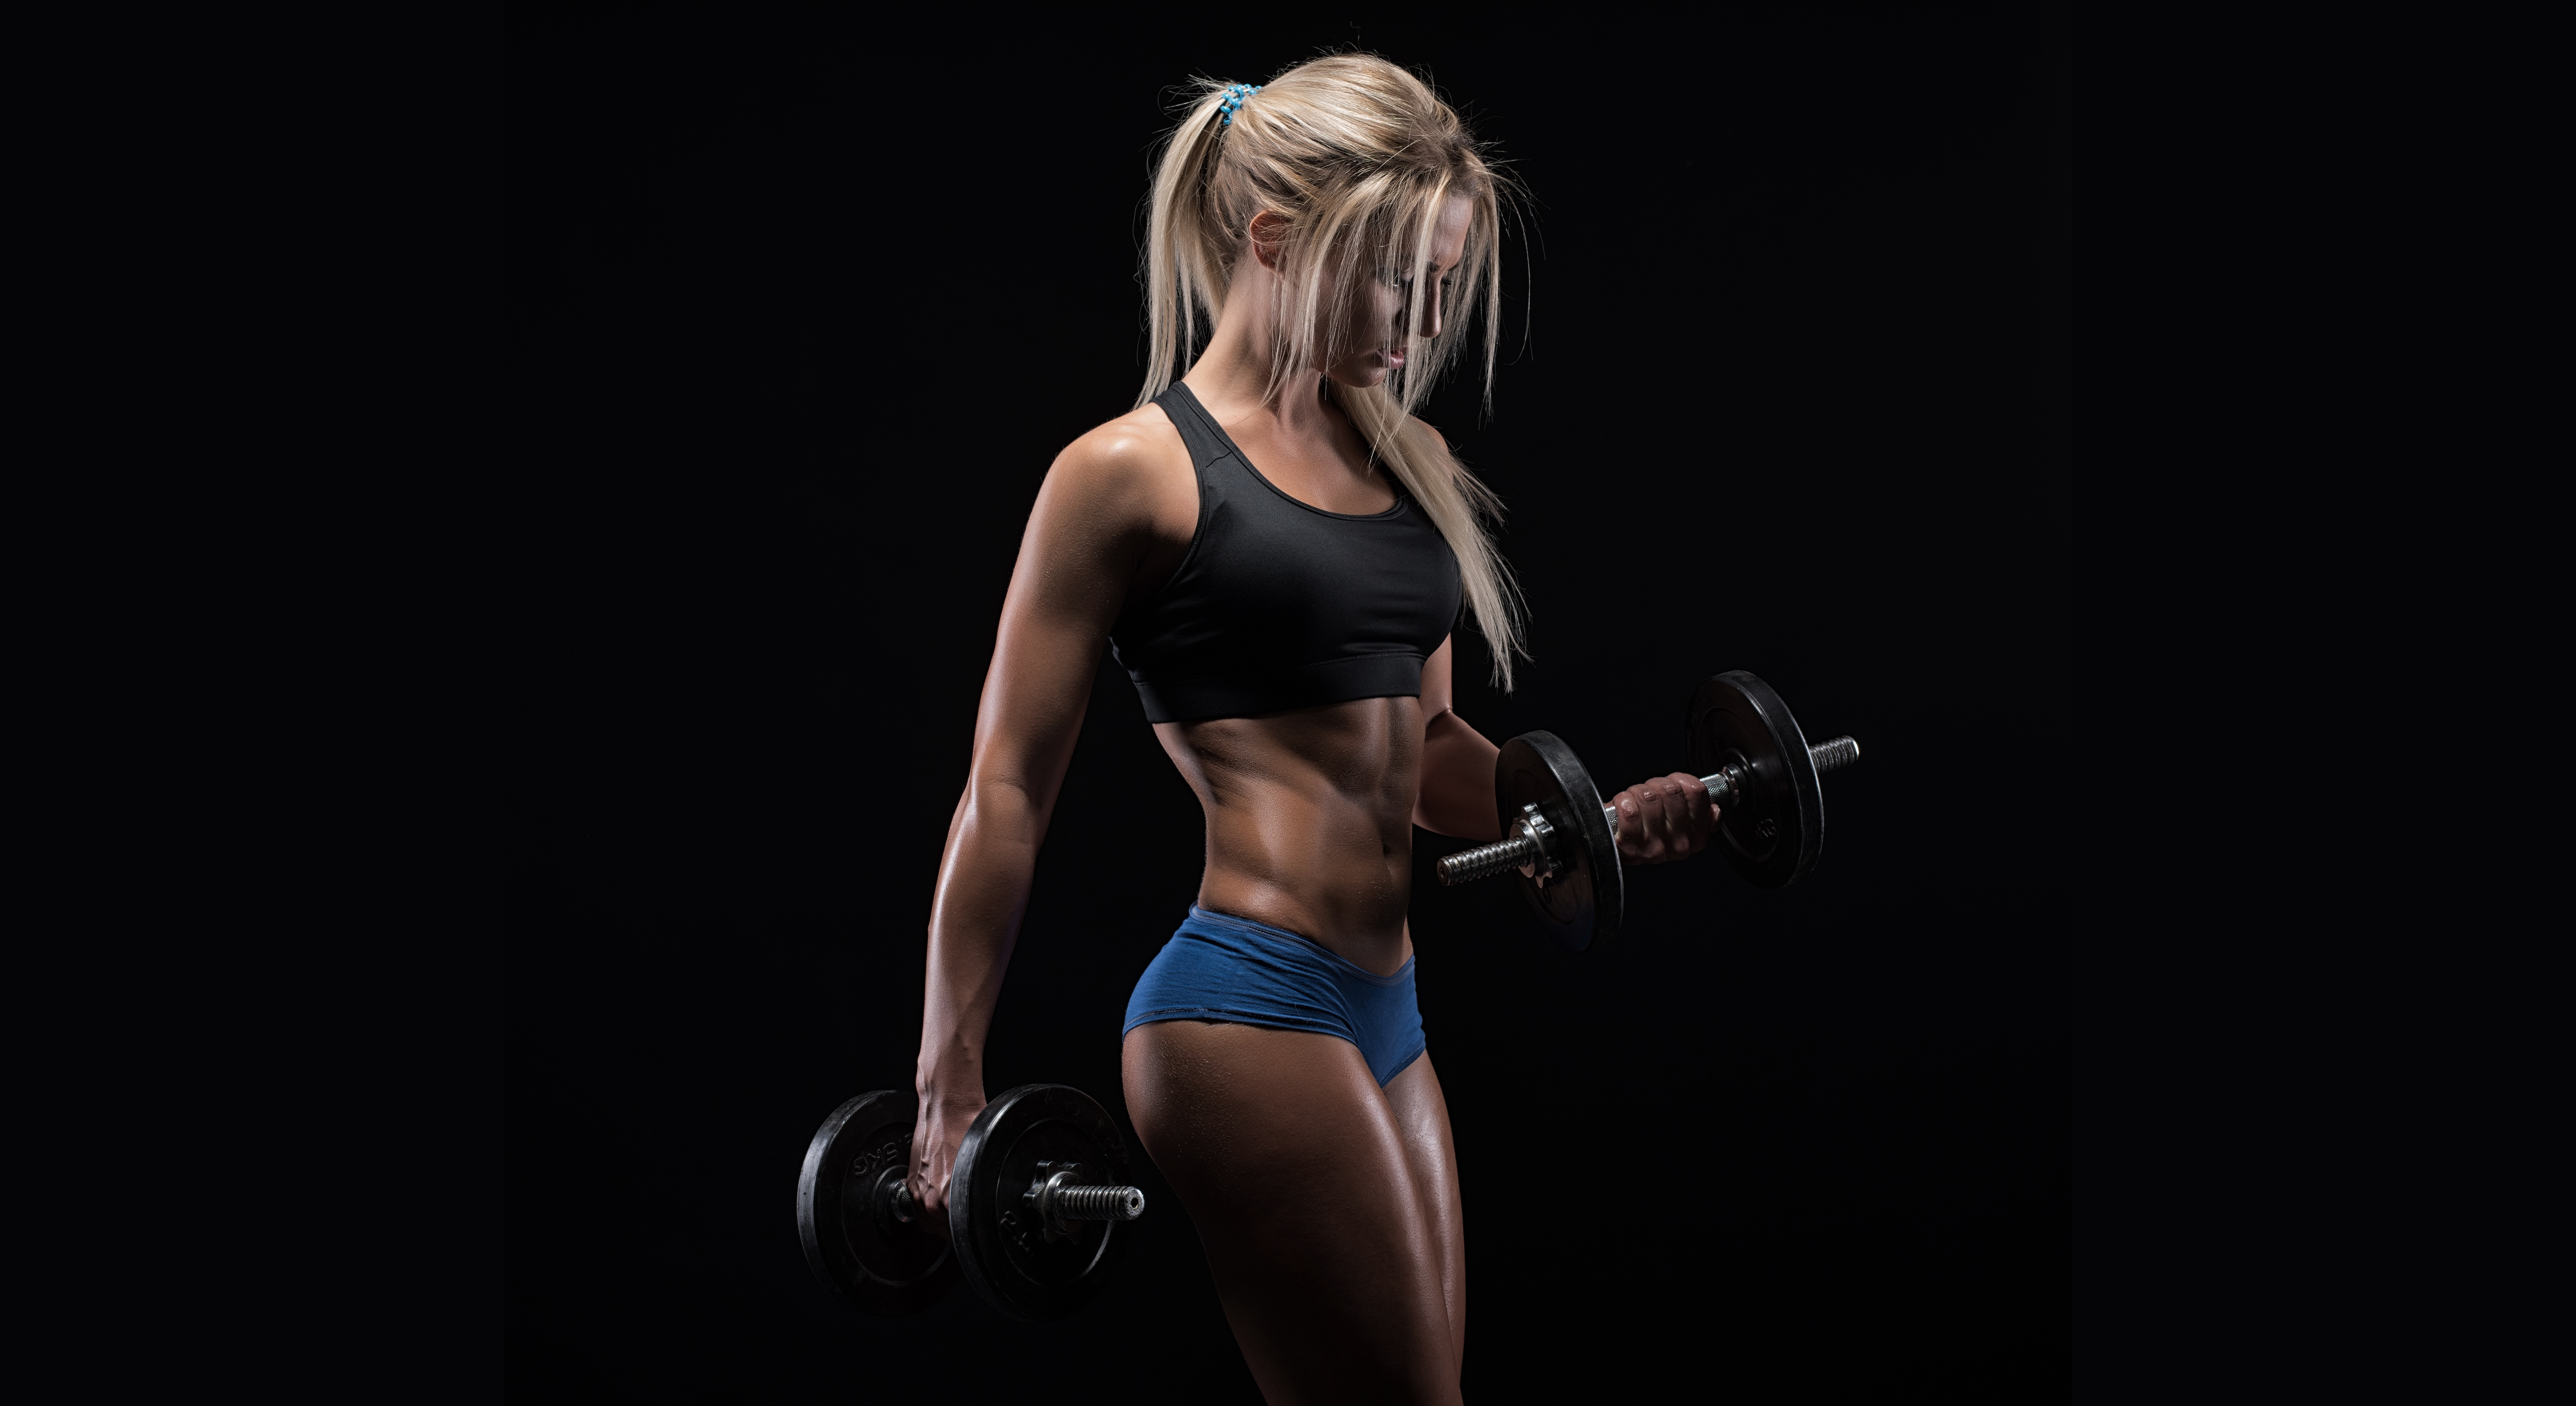 Картинка: Блондинка, спортсменка, фигура, гантели, качается, фитнес, бодибилдинг, девушка